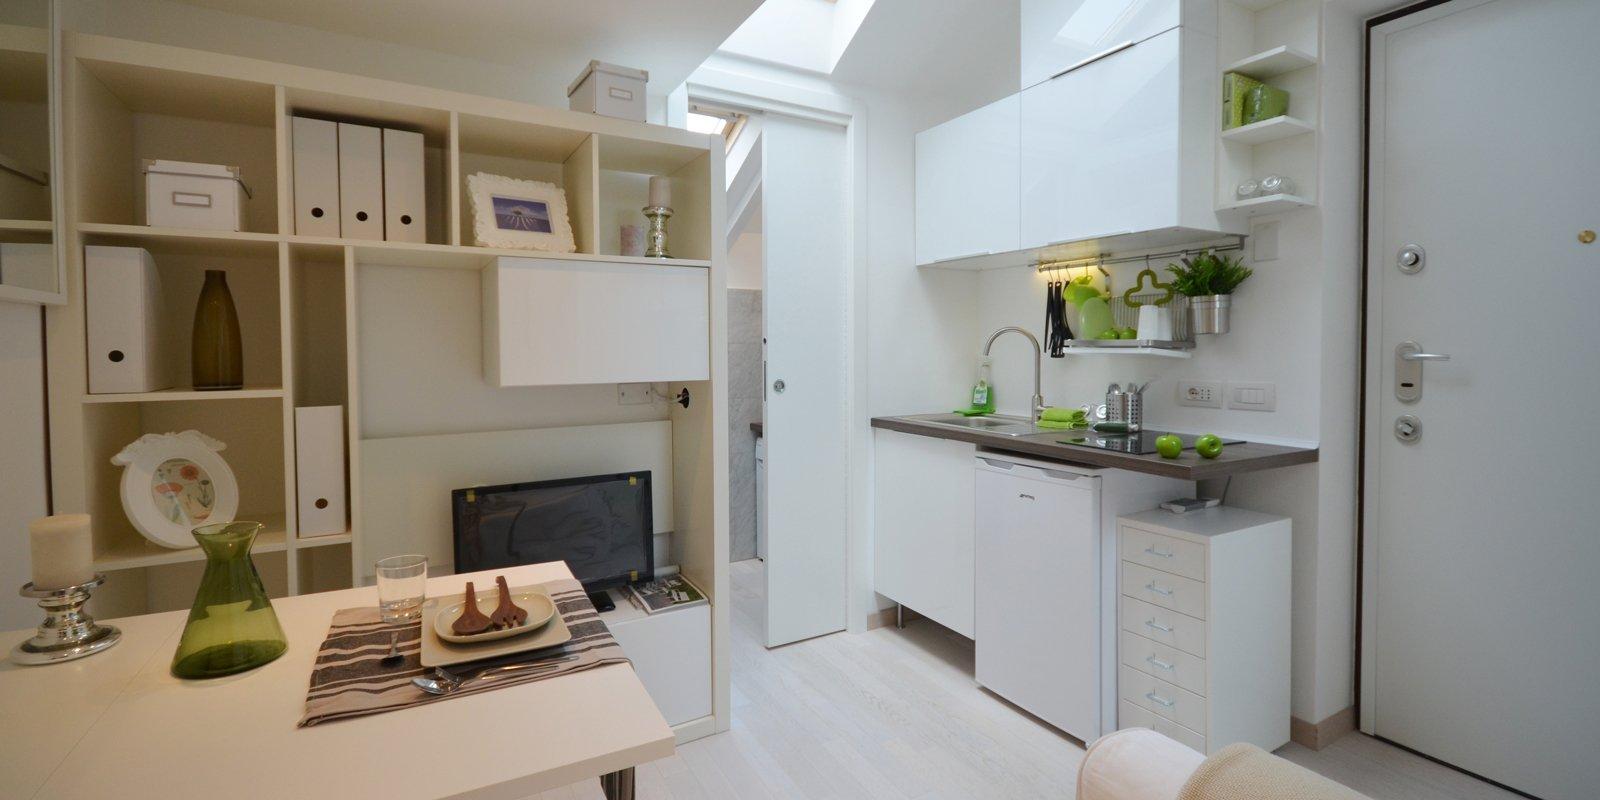 Monolocale di taglia small nella mini mansarda 8 spunti for Mini case interni